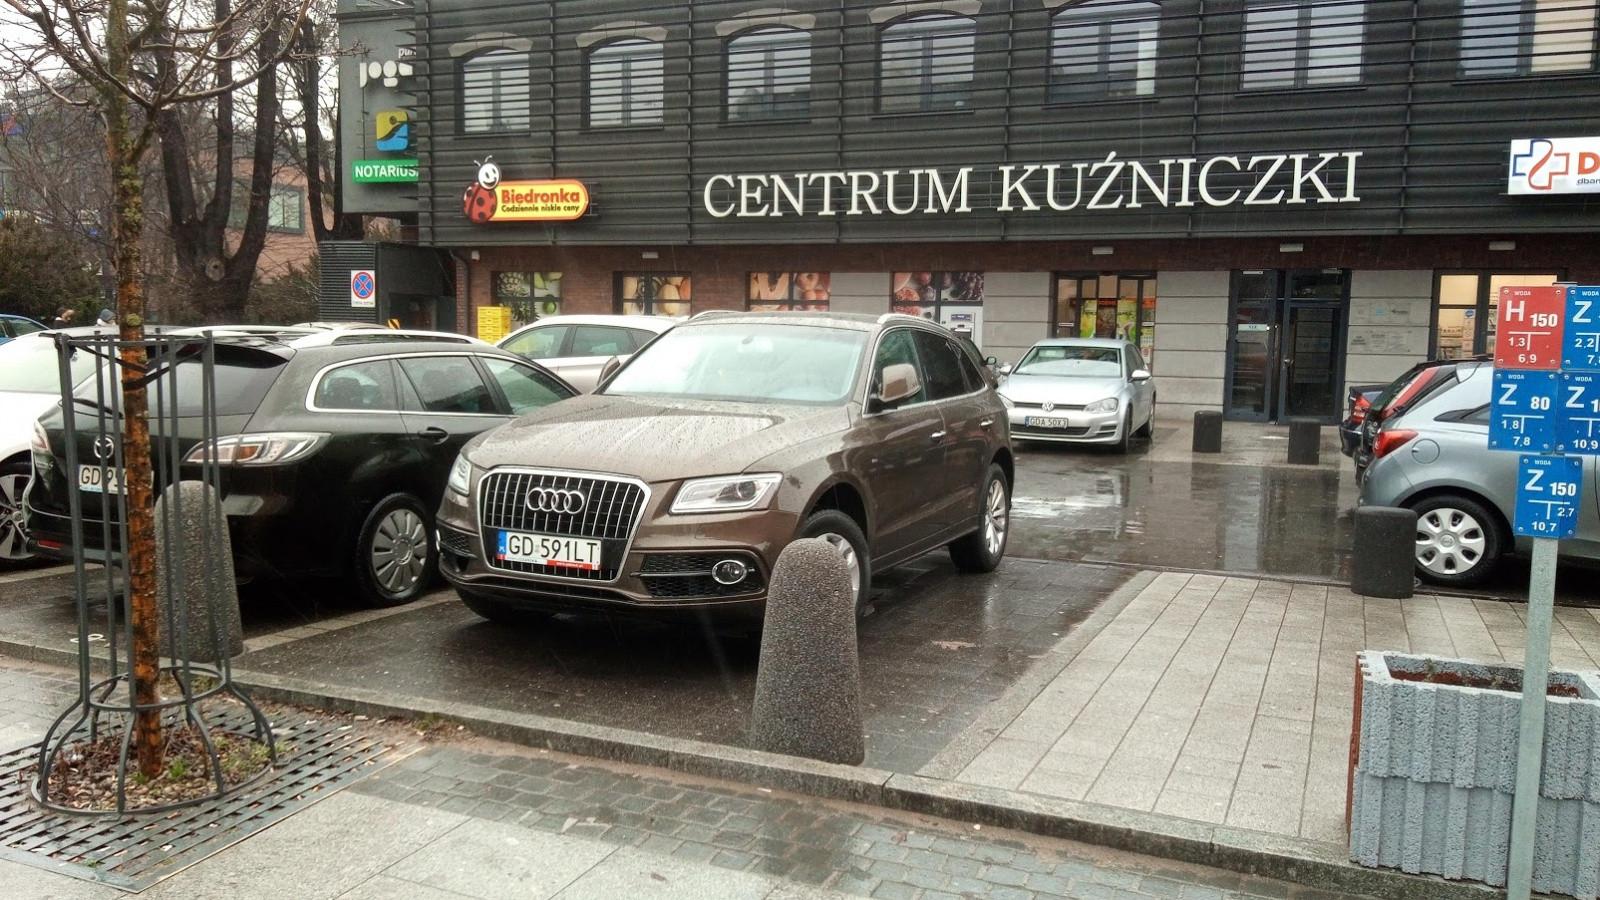 Zaparkaowane Audi GD591LT na miesjcu dla osób niepełnosprawnych